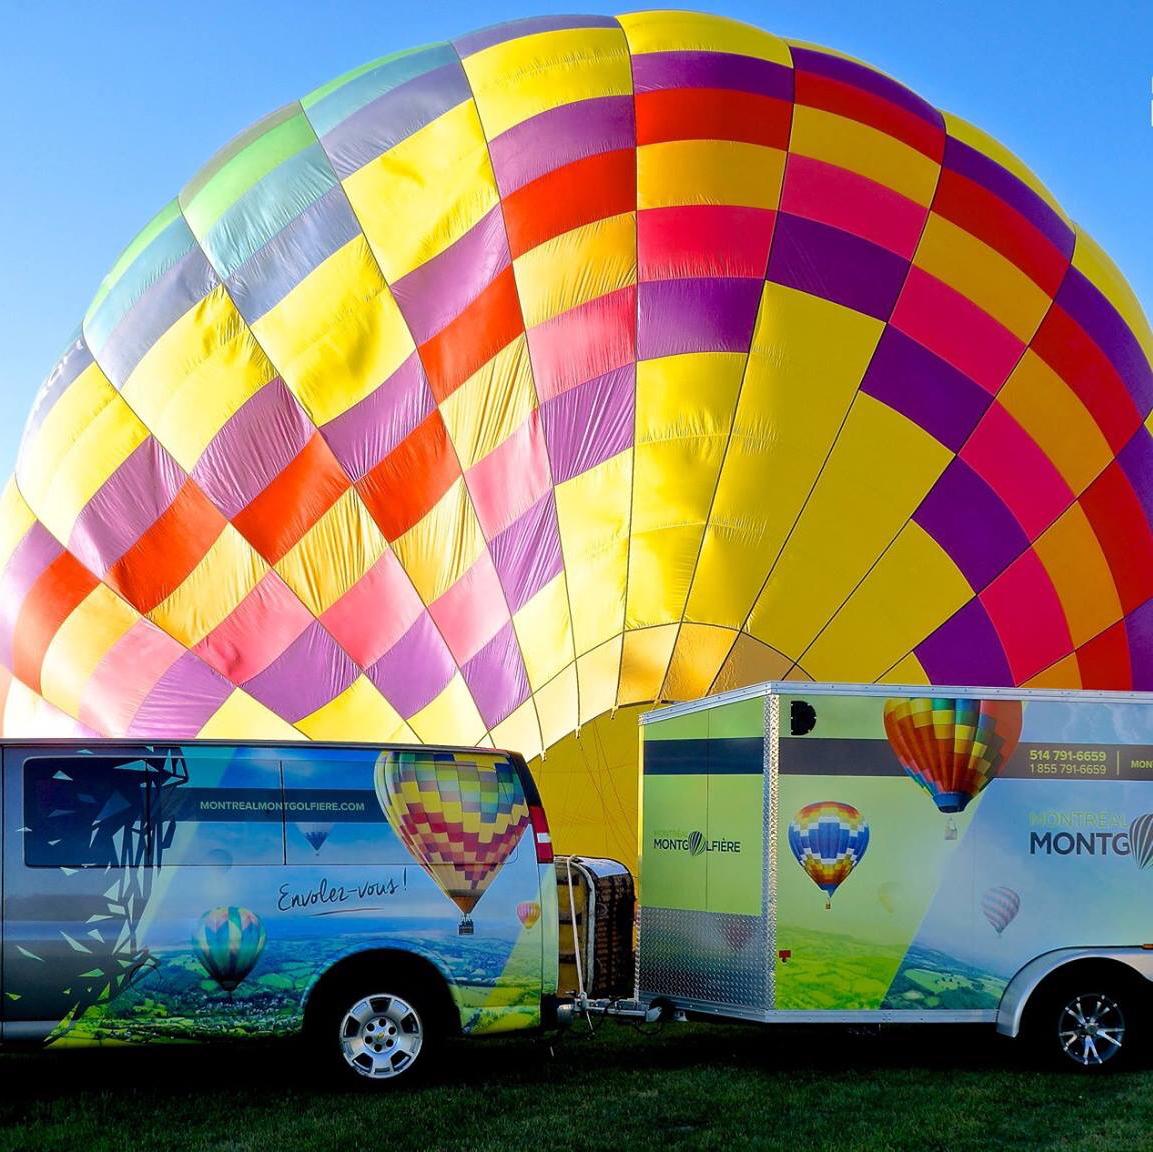 Montréal montgolfière